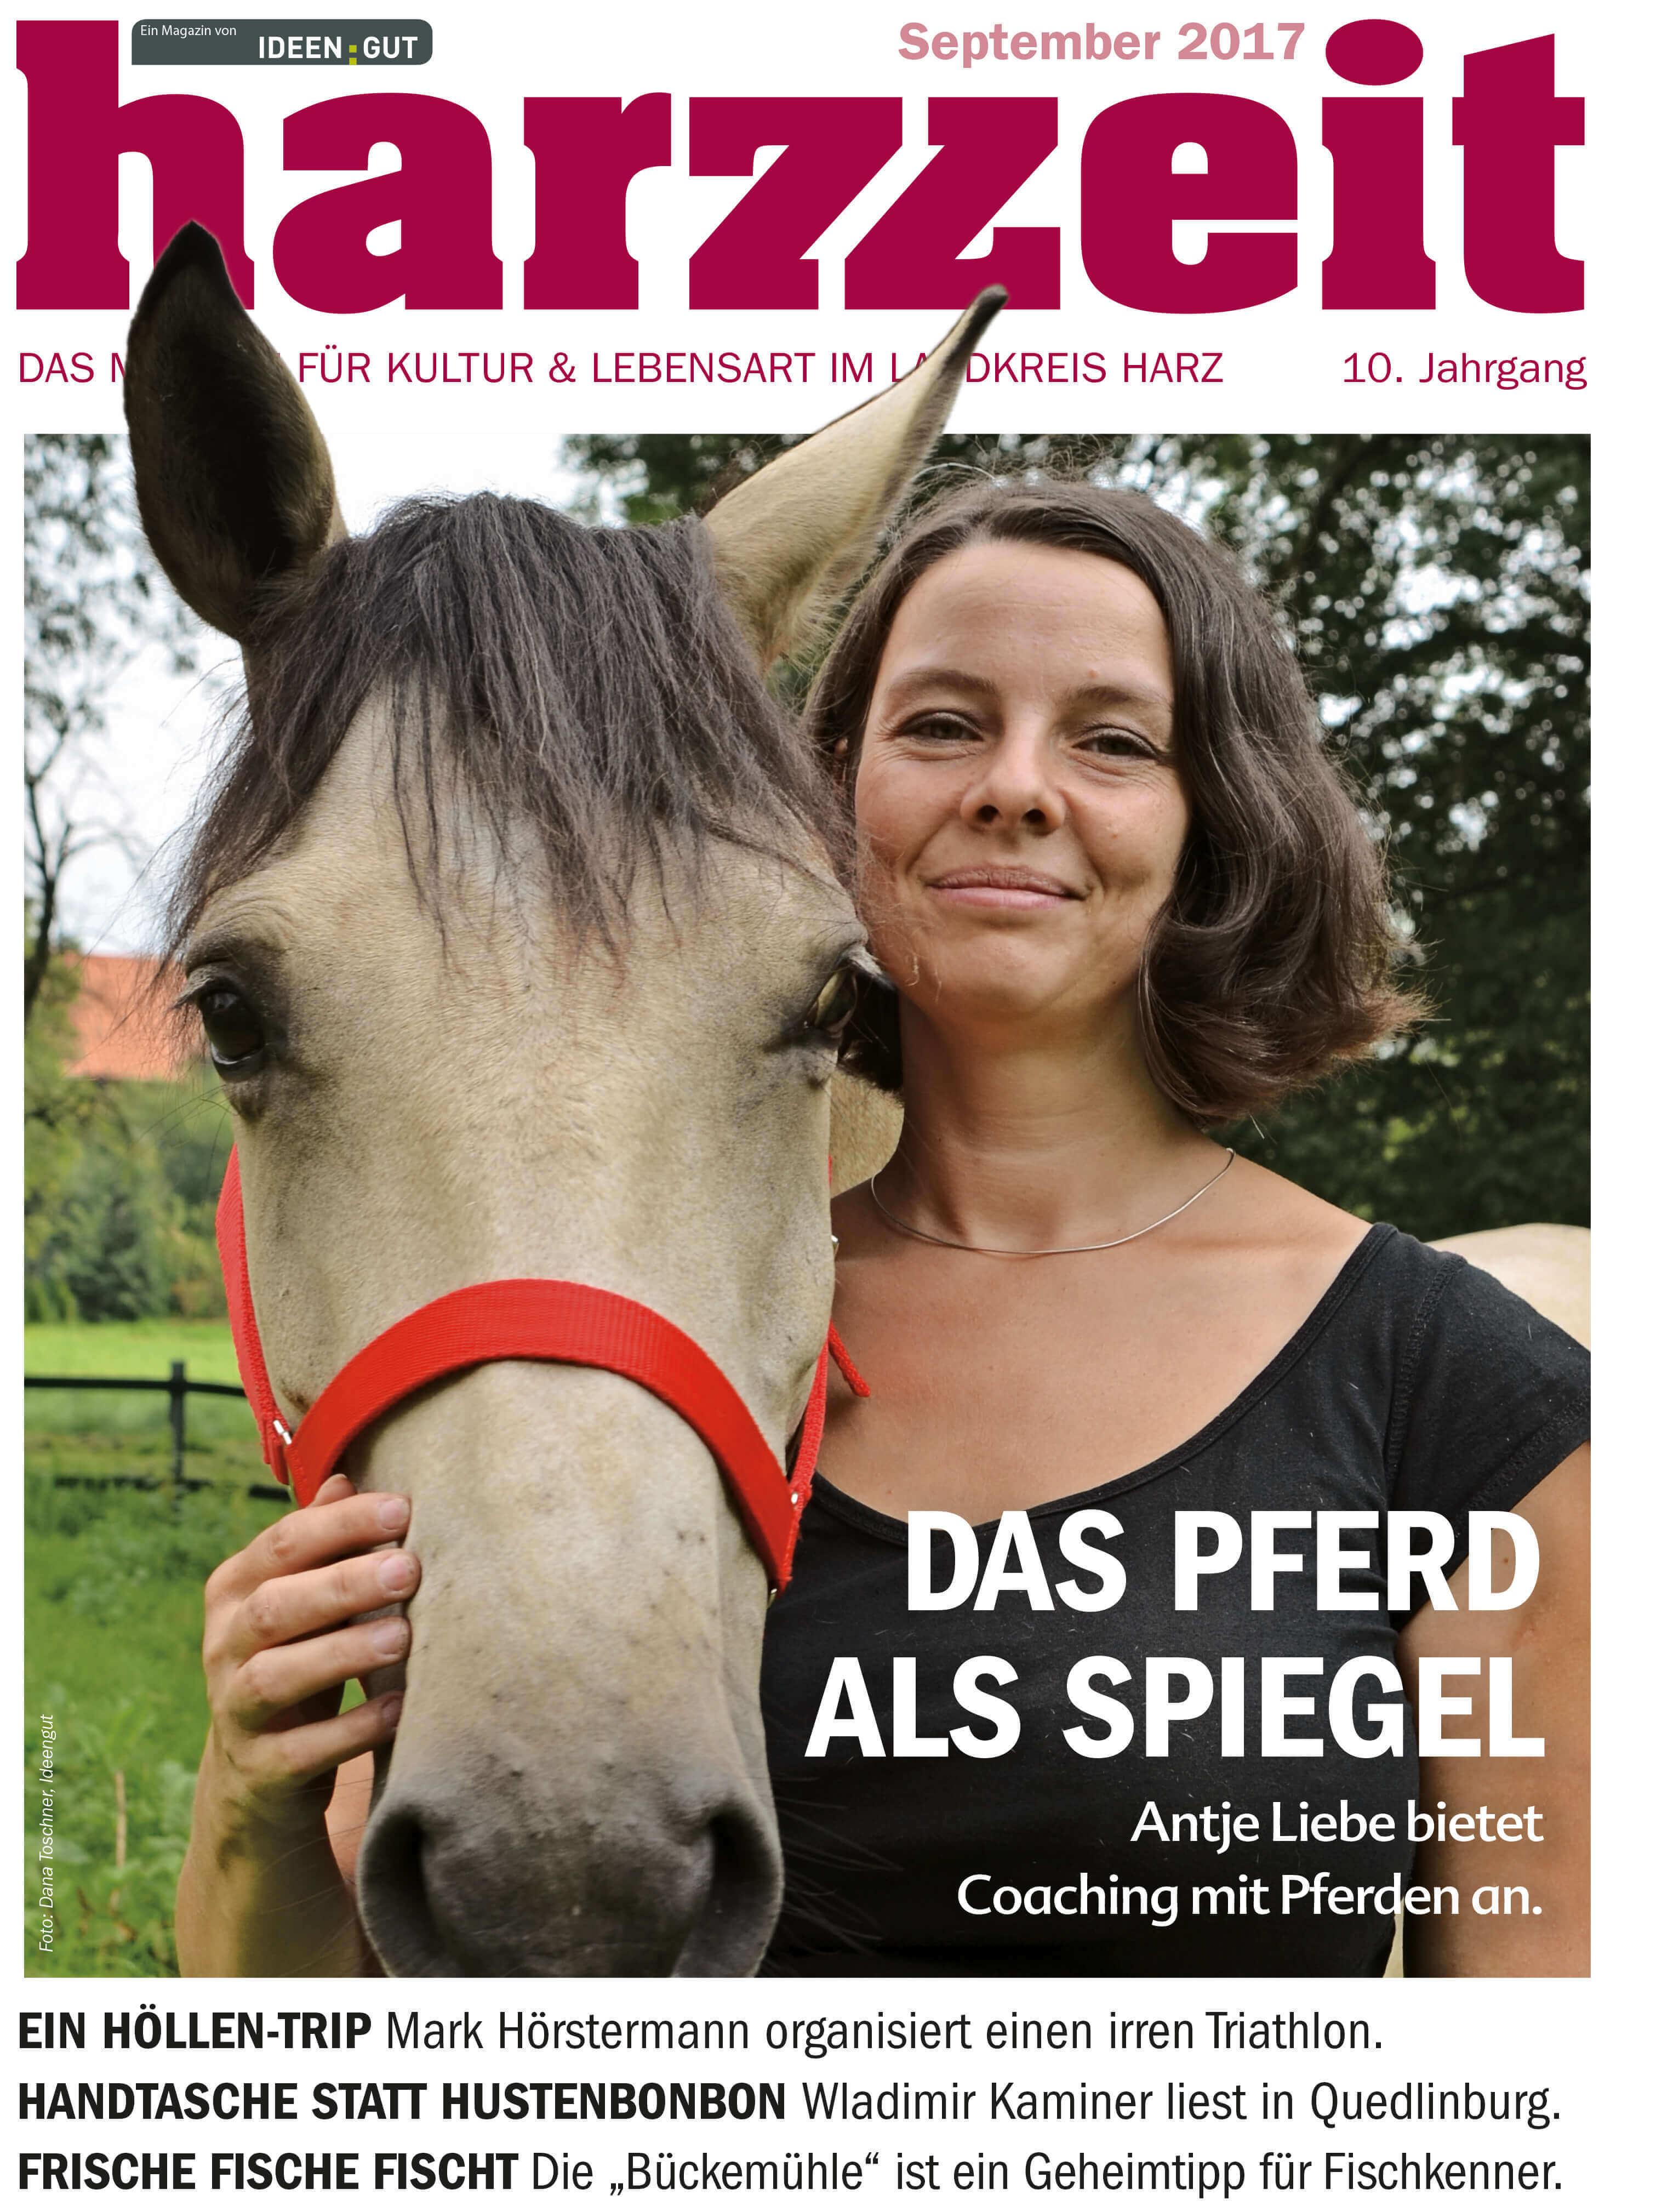 Das Pferd als Spiegel